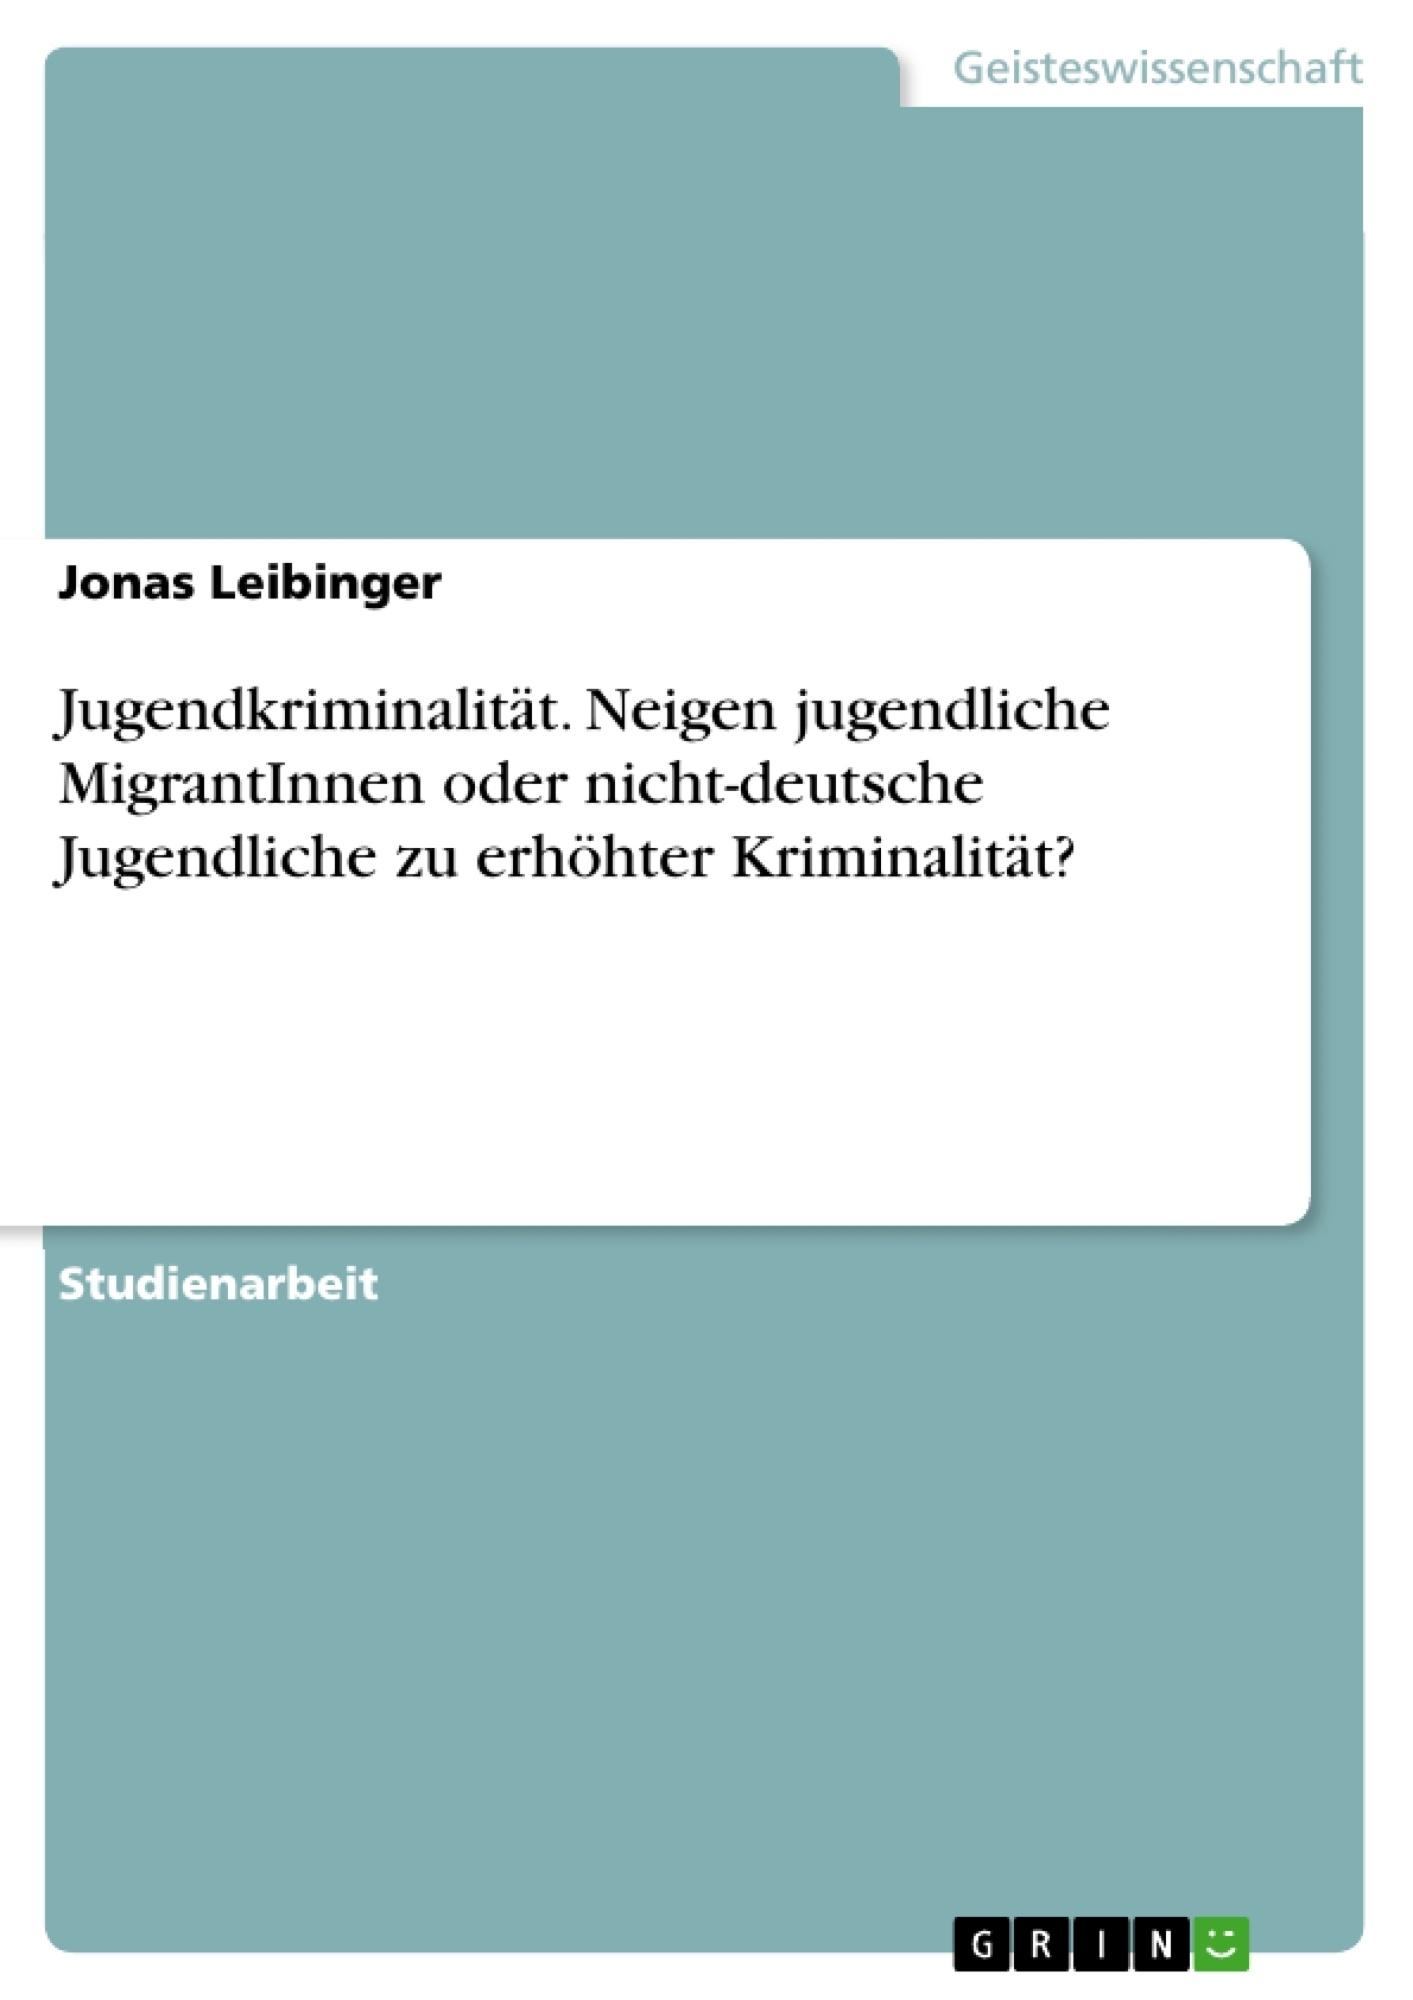 Titel: Jugendkriminalität. Neigen jugendliche MigrantInnen oder nicht-deutsche Jugendliche zu erhöhter Kriminalität?